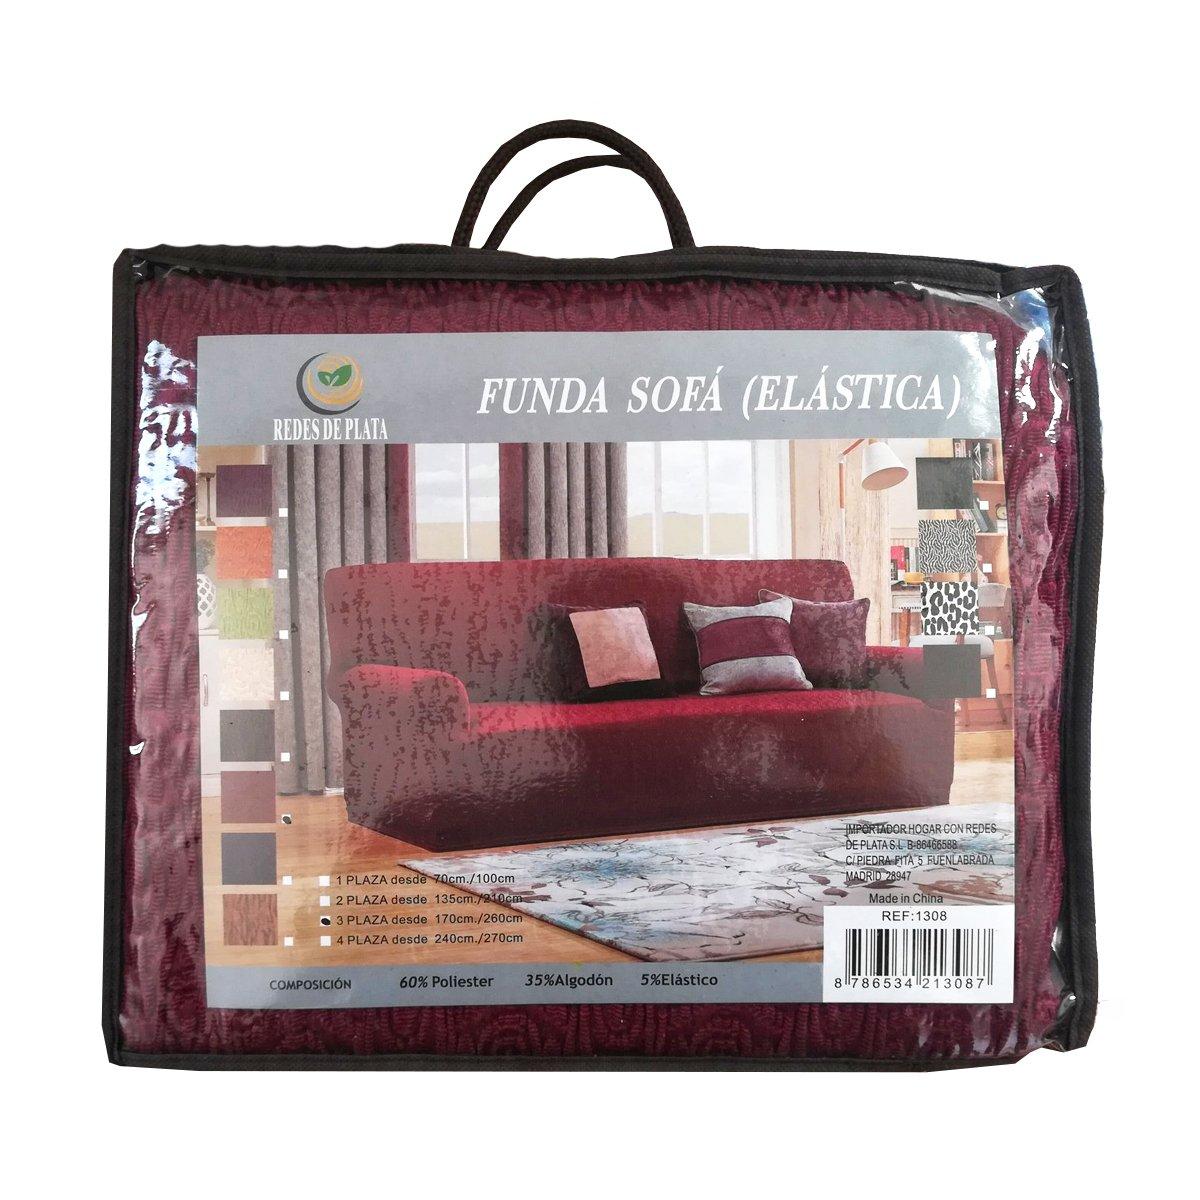 DABUTY, SL Funda para Sofa Elastica Tres plazas Color Rojo ...